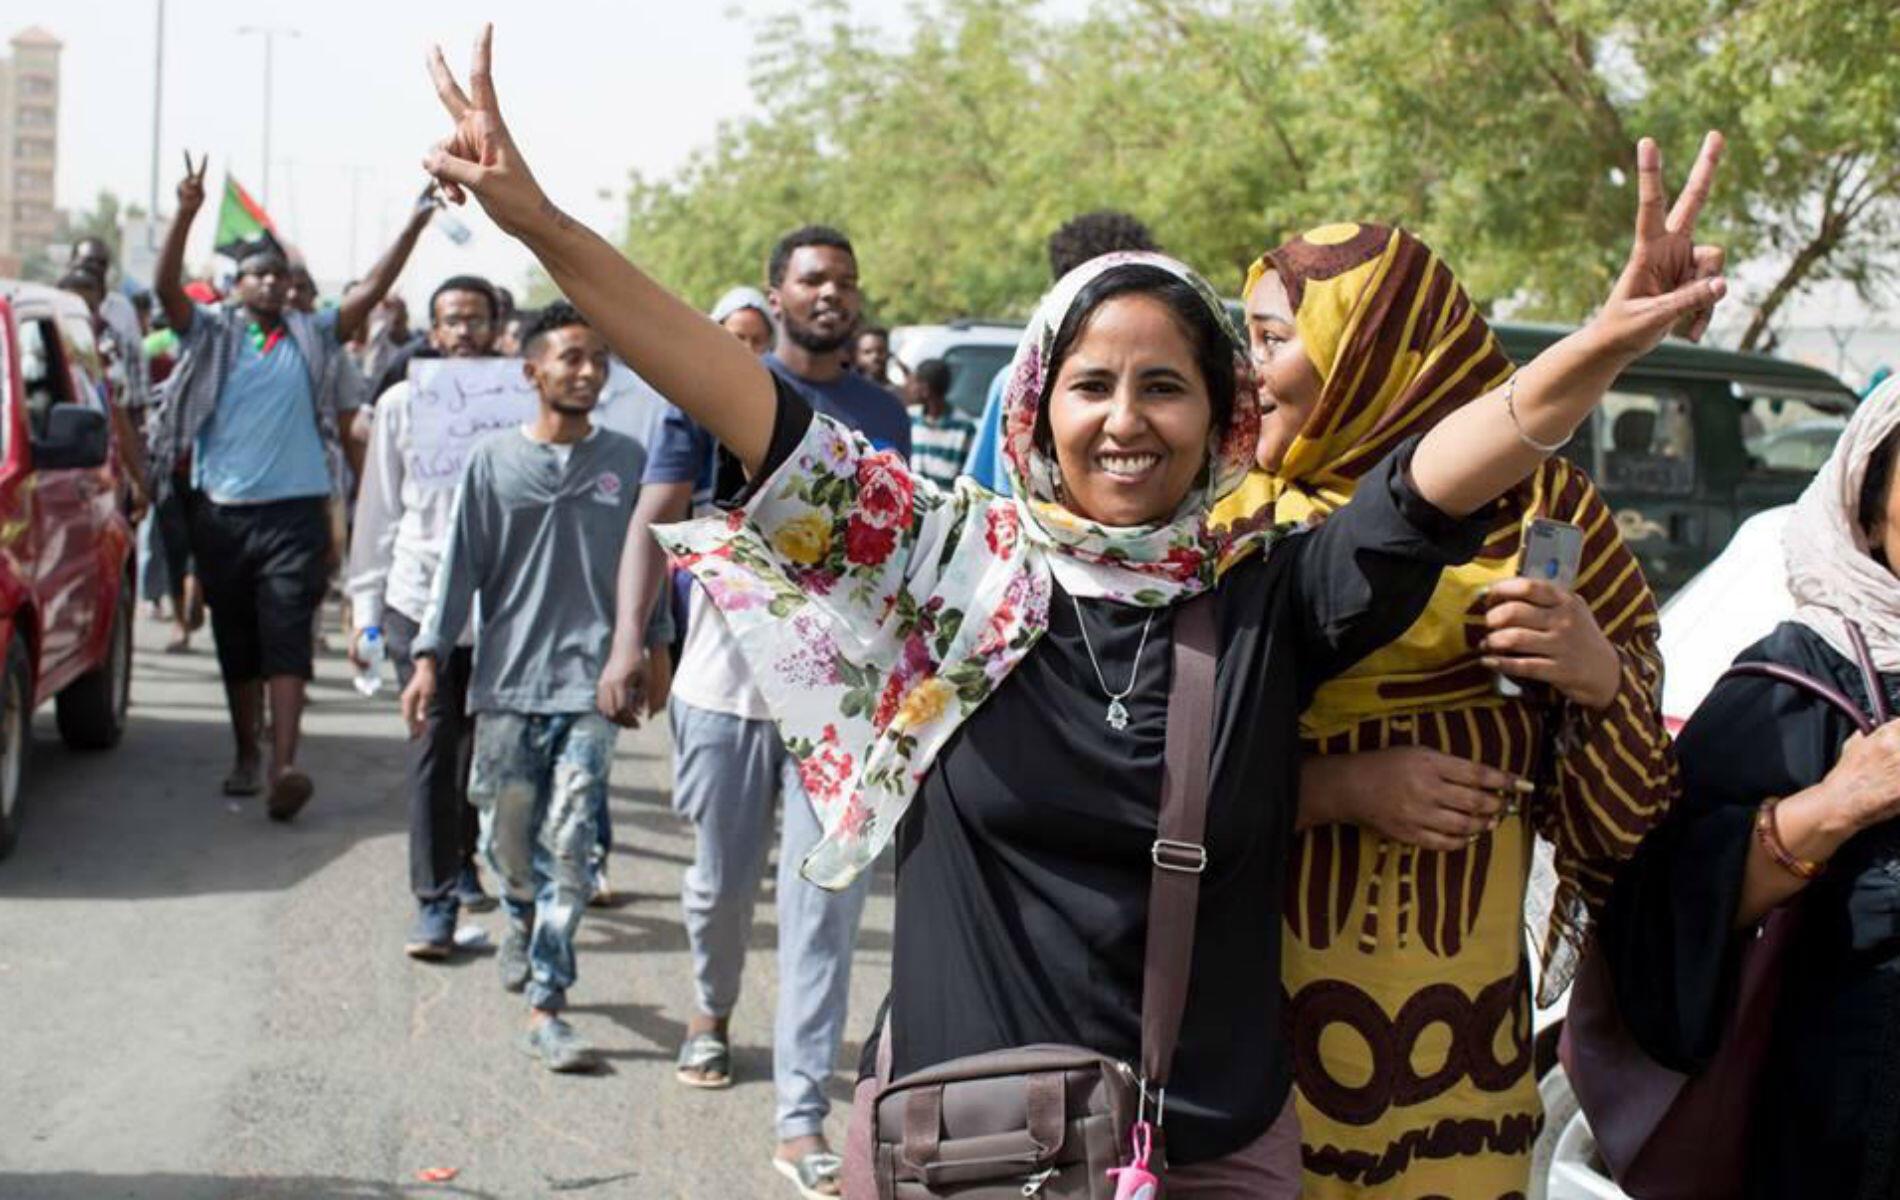 صورة وسط الصفحة - متظاهرات في شوارع السودان